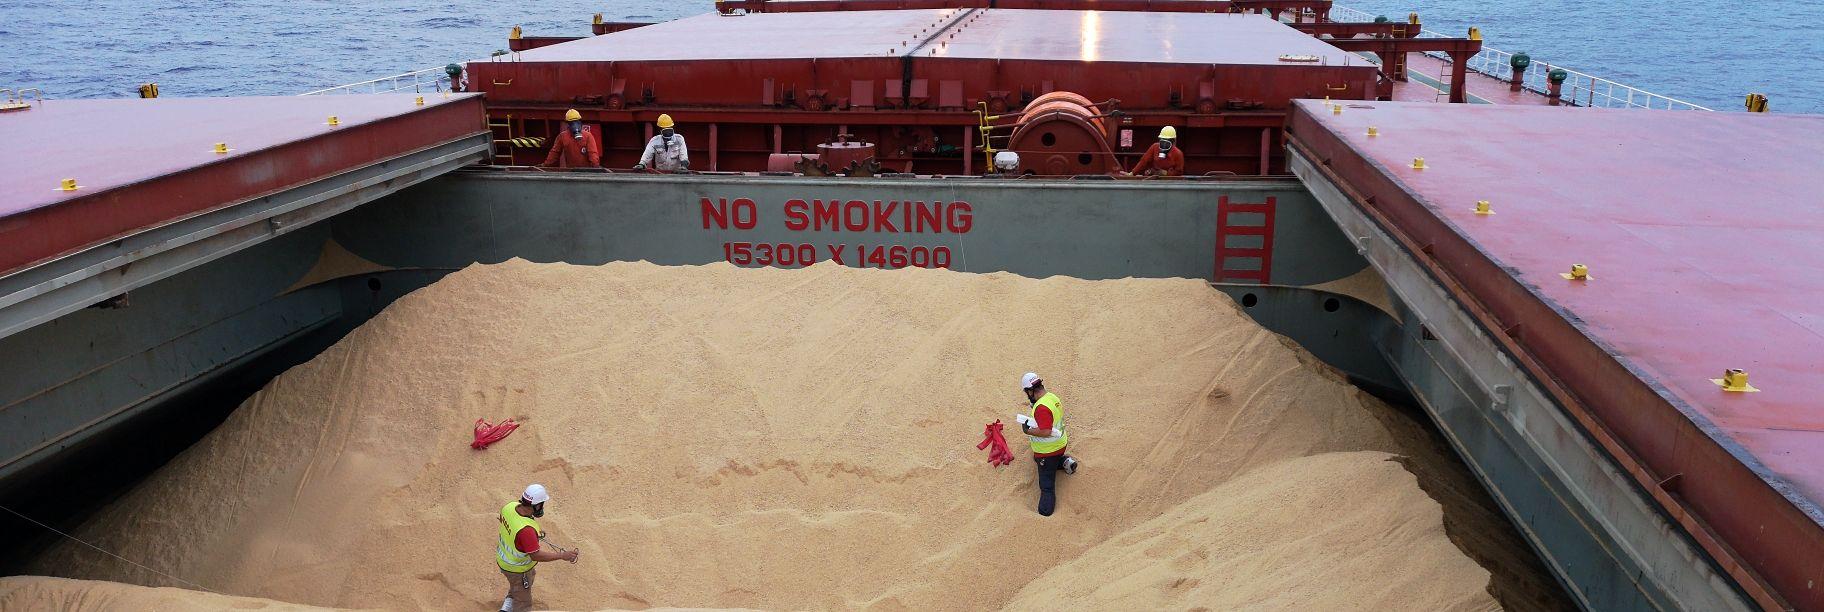 Fumigación de barcos - fumigación de buques